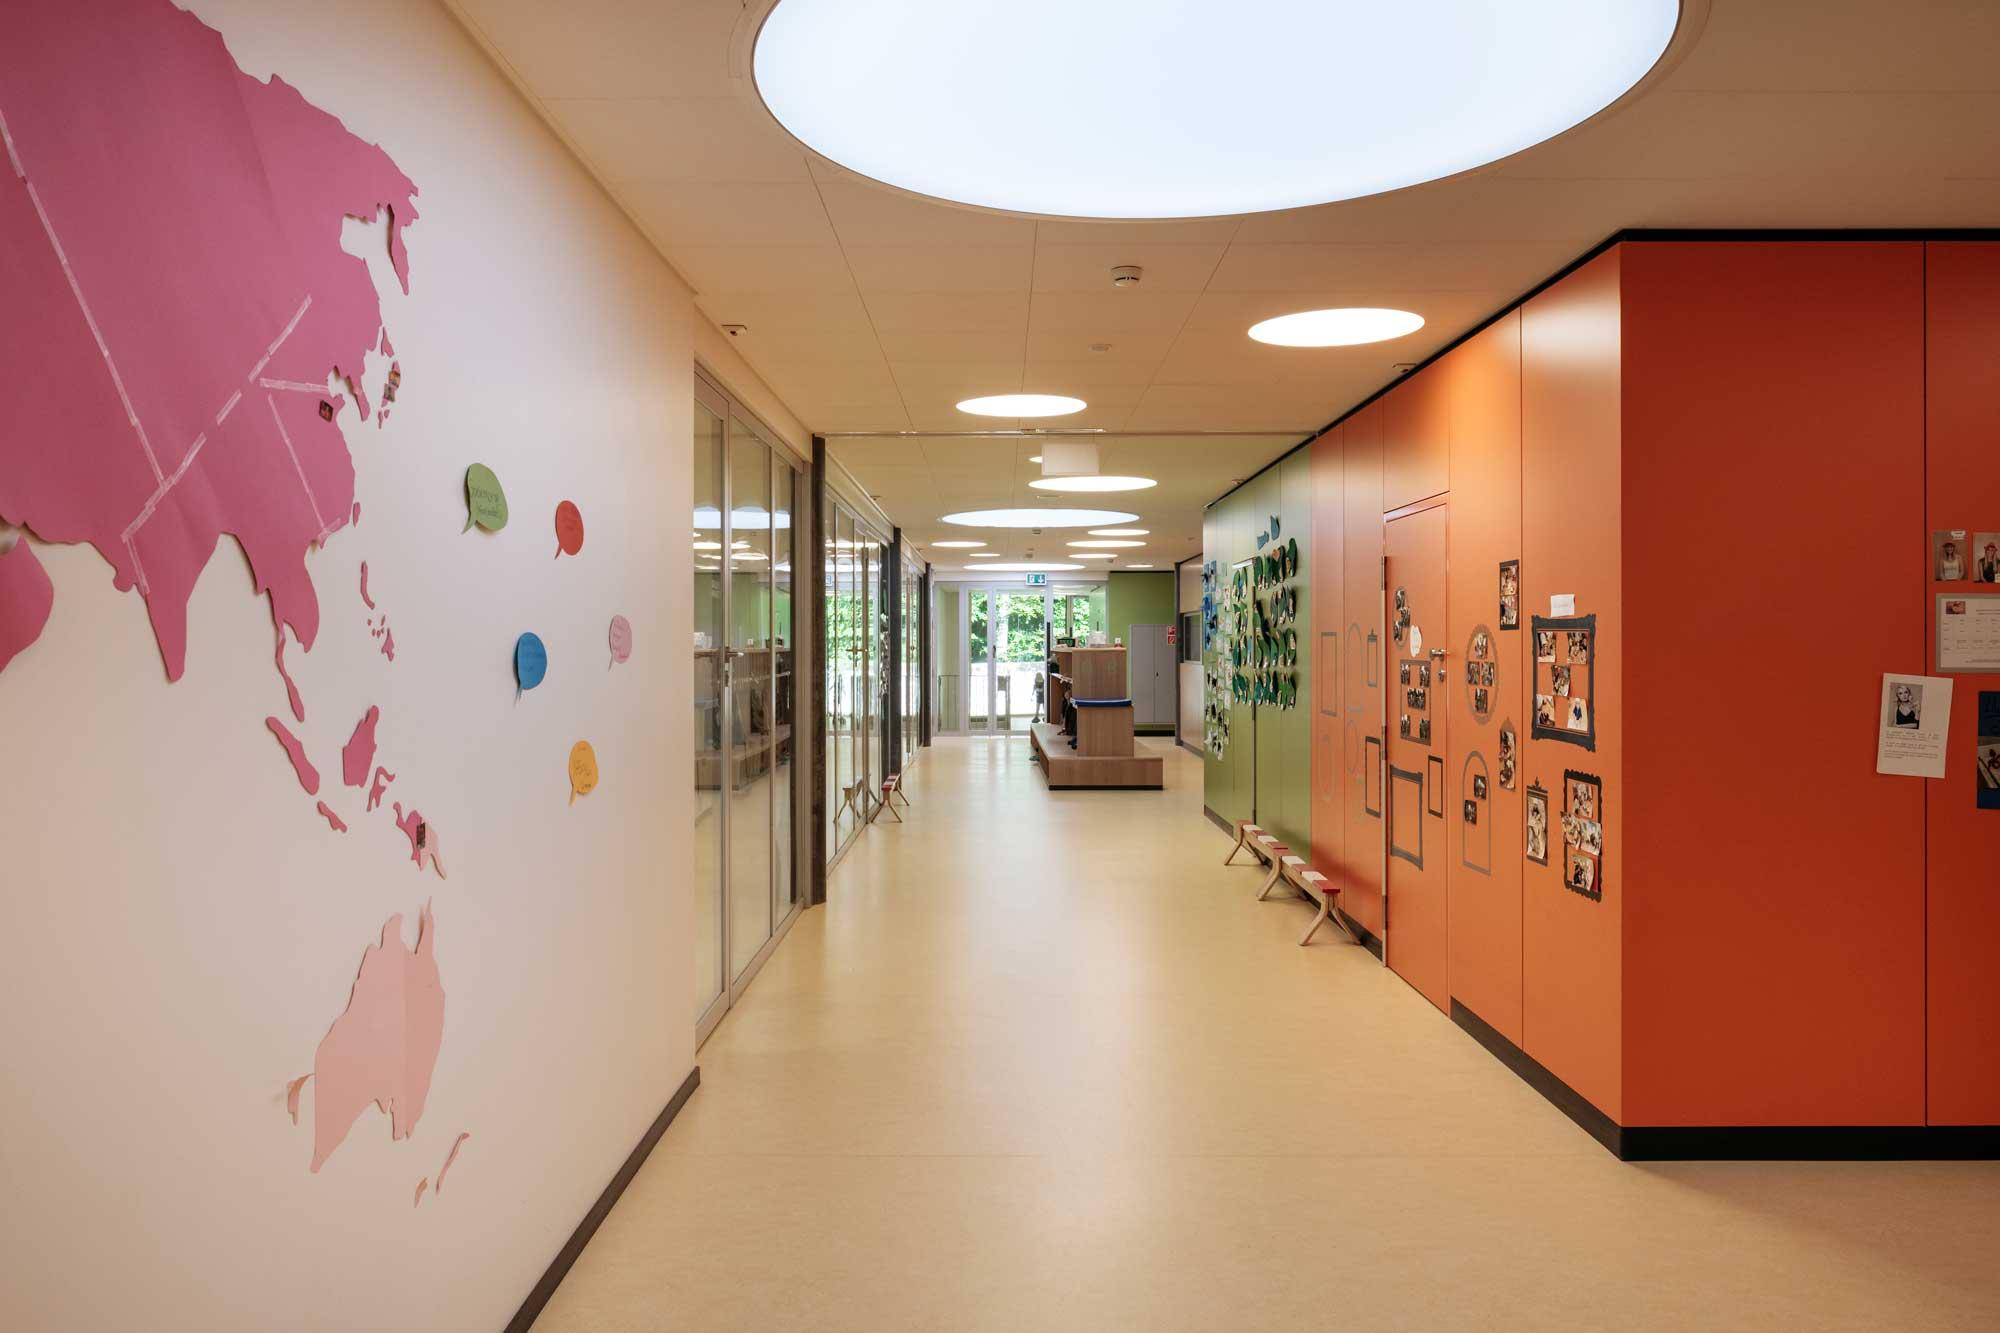 Les grandes baies vitrées entre les pièces permettent aux éducatrices de mieux surveiller les enfants.